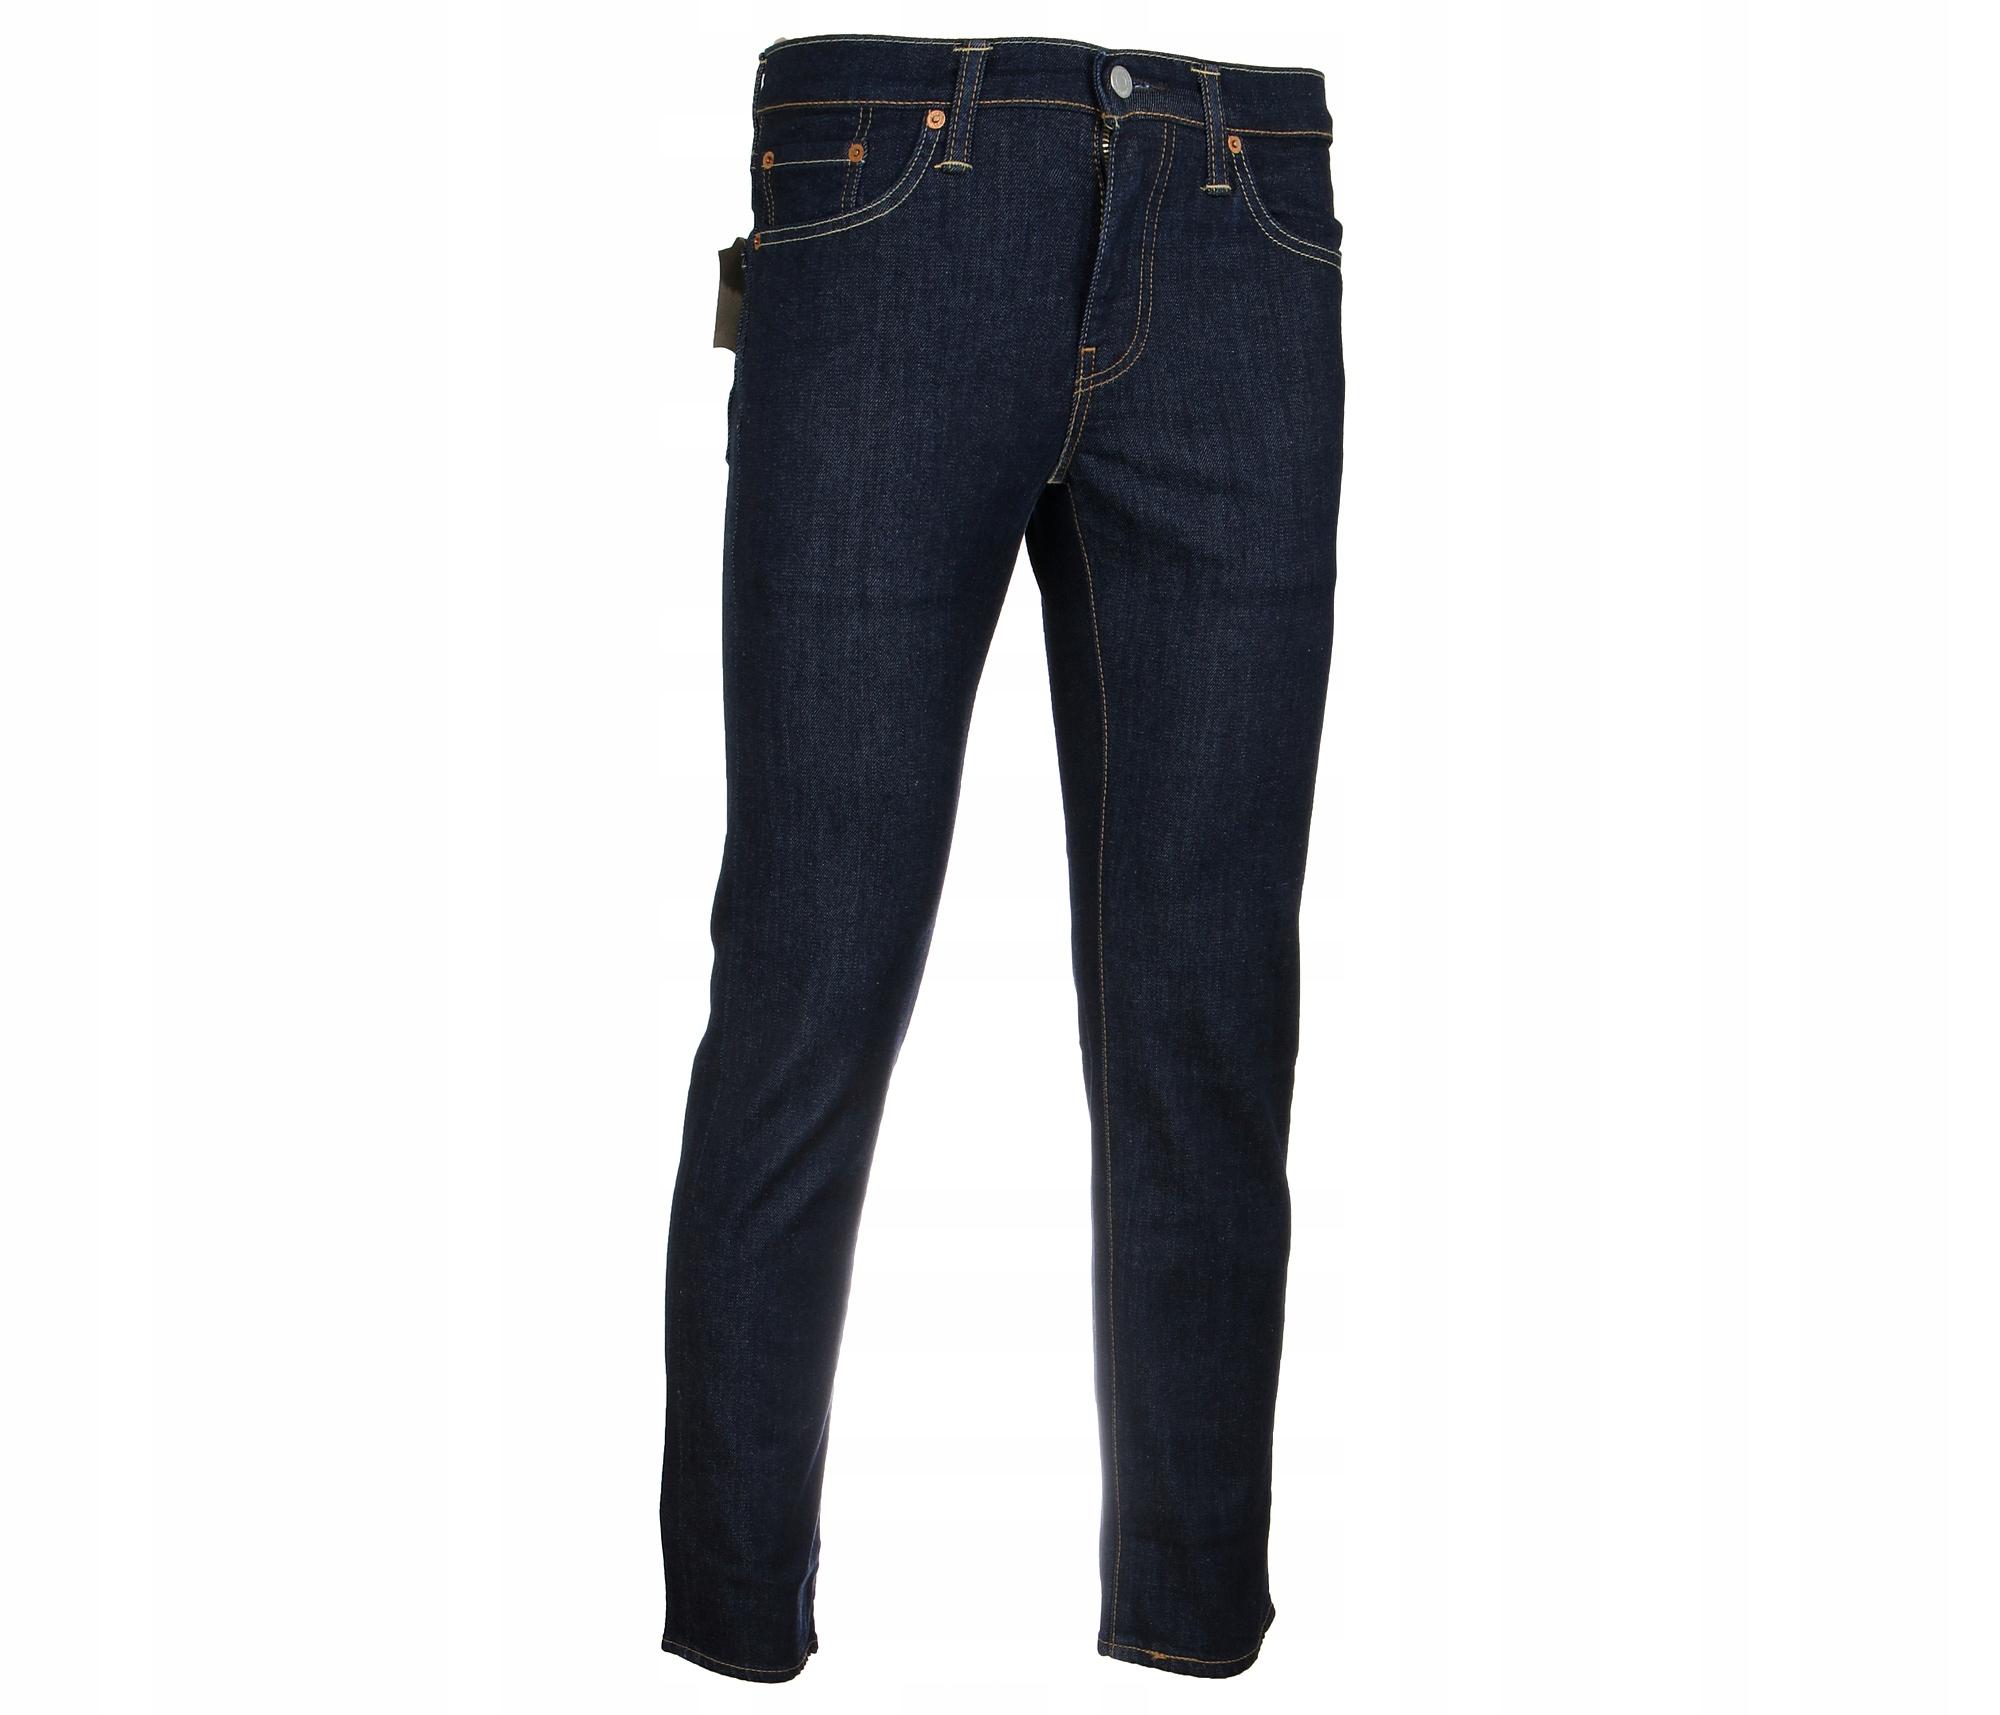 Spodnie jeansowe LEVIS 511 męskie 04511-1786 32/32